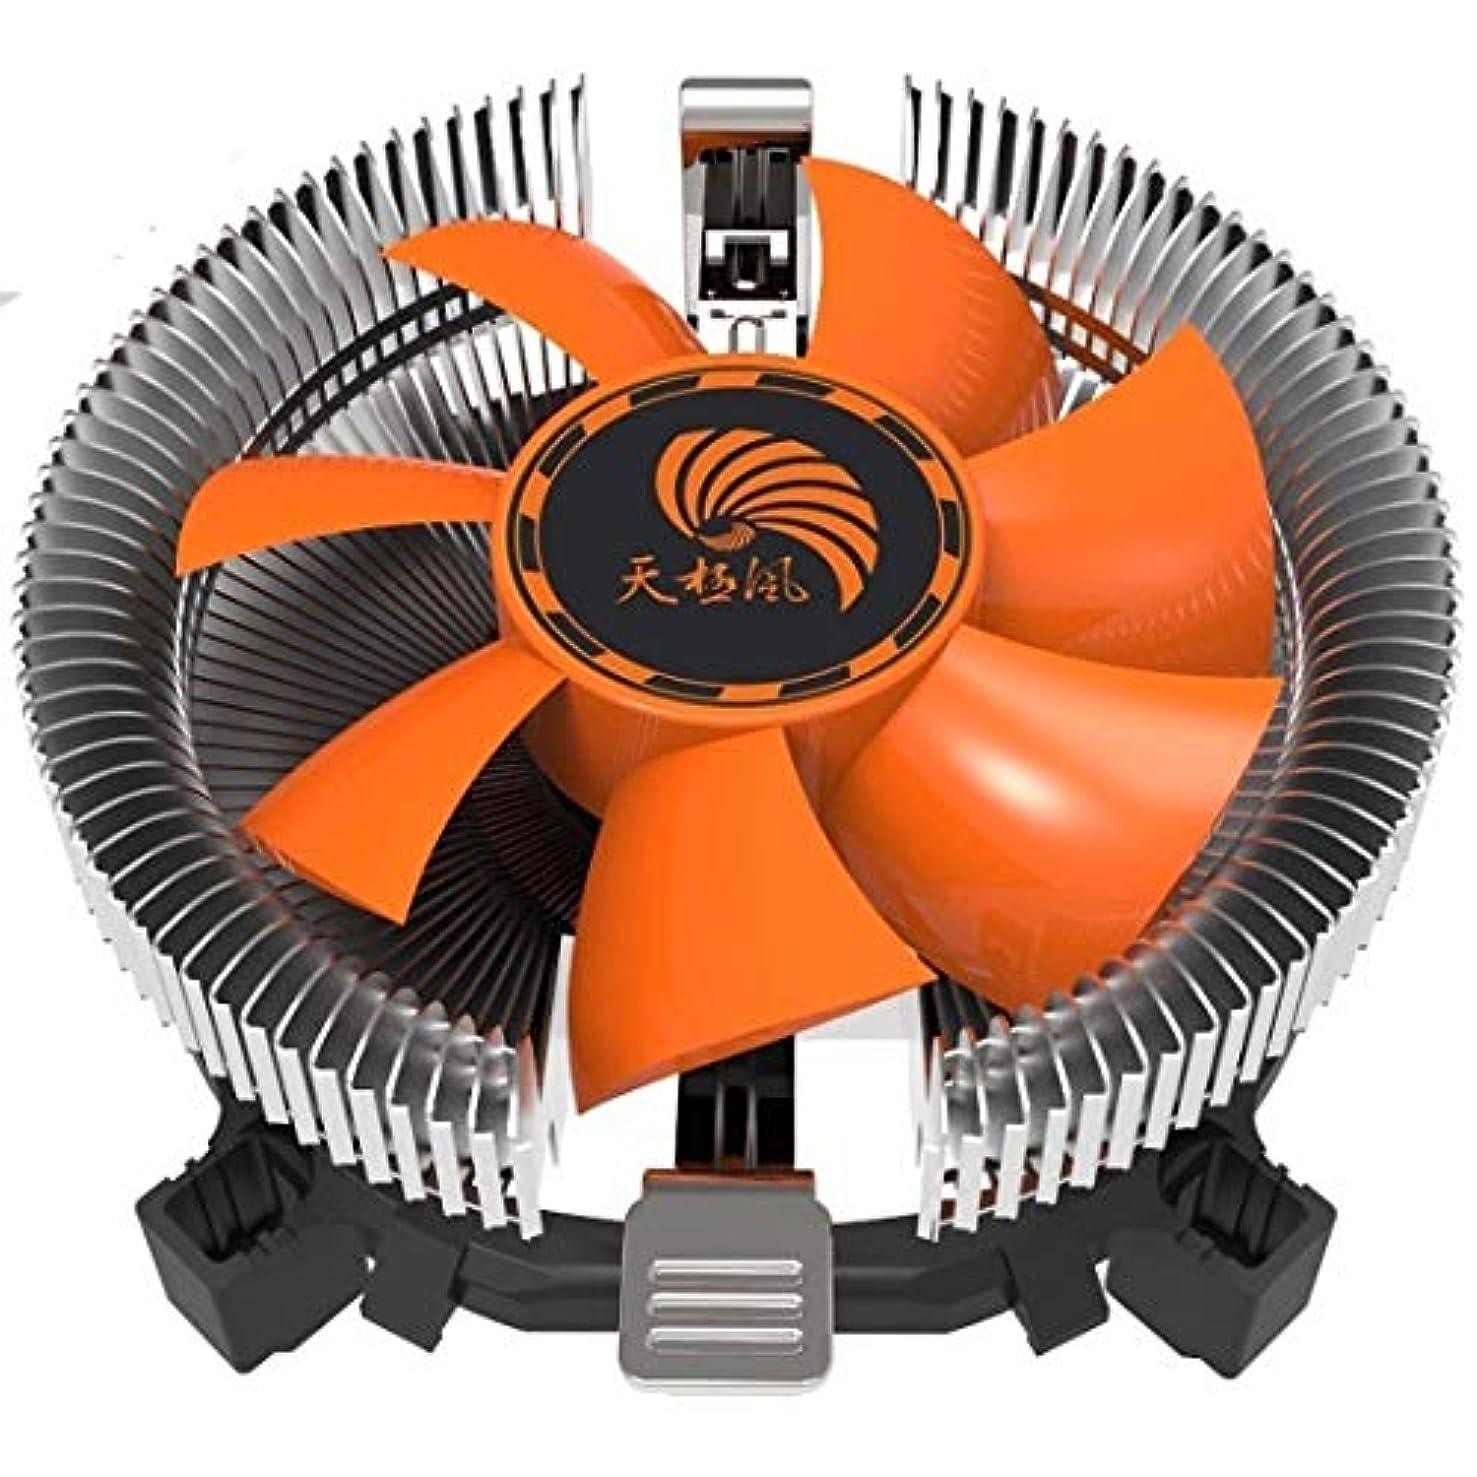 おびえたマイコンハリケーンCLAUDIAR ラジエーターマルチプラットフォームAMDIntelデスクトップコンピュータCPUファン超静音冷却ベース